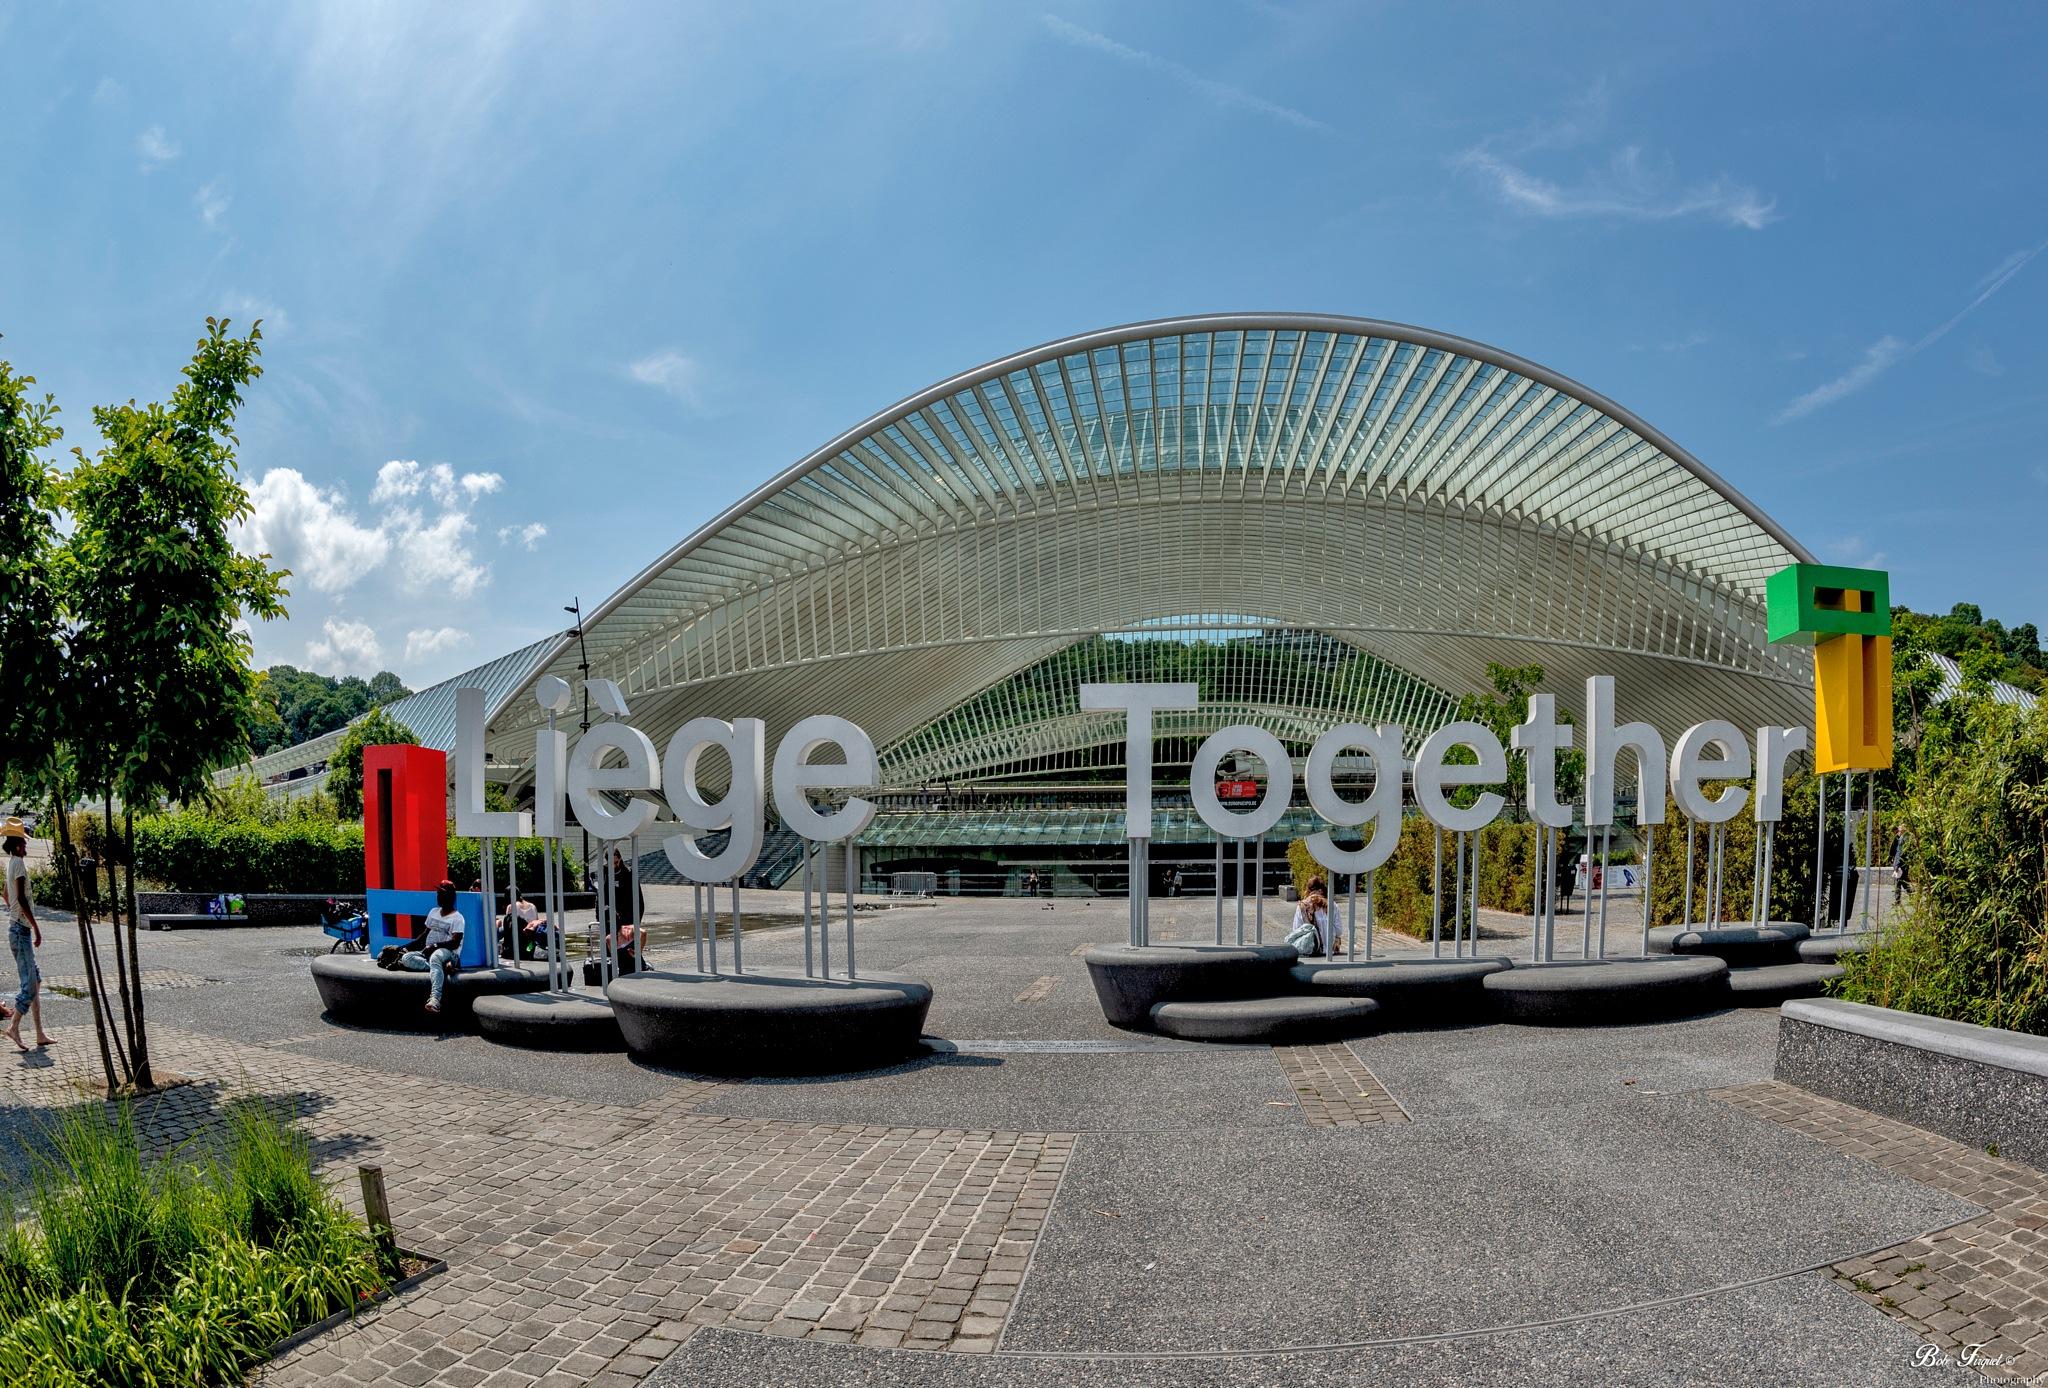 Luik by Bob Firquet